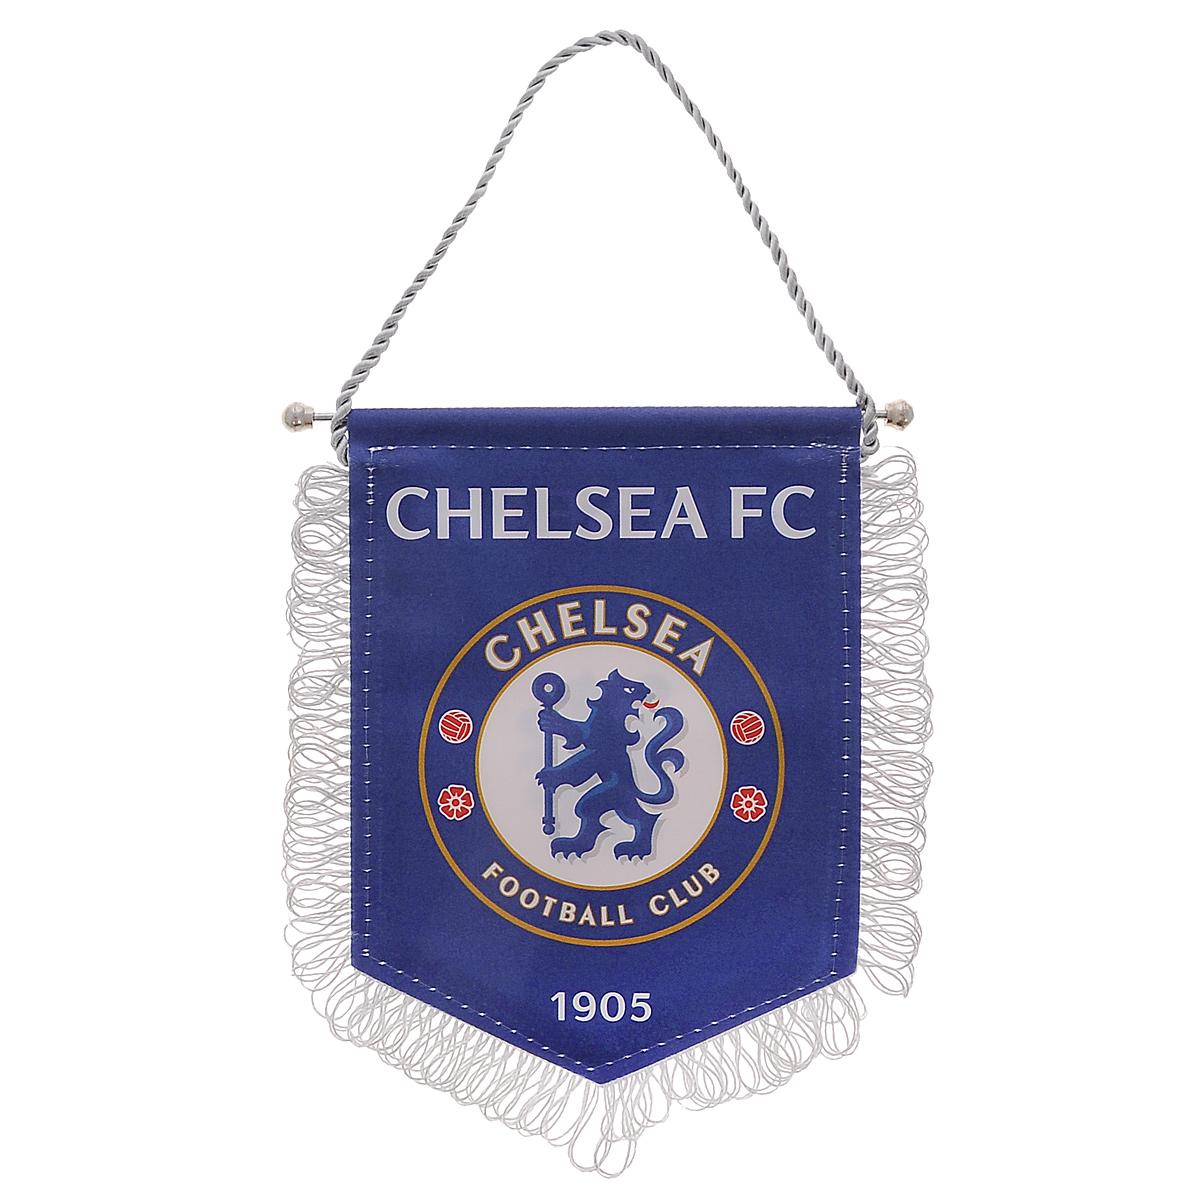 Вымпел Chelsea, цвет: синий, белый, красный, 15 см х 16 см. 080508050Двусторонний вымпел Chelsea изготовлен из полиэстера и металла. Оснащен шнурком для подвешивания и украшен бахромой. Вымпел Chelsea порадует истинного болельщика футбольного клуба, а также станет приятным подарком к любому празднику.